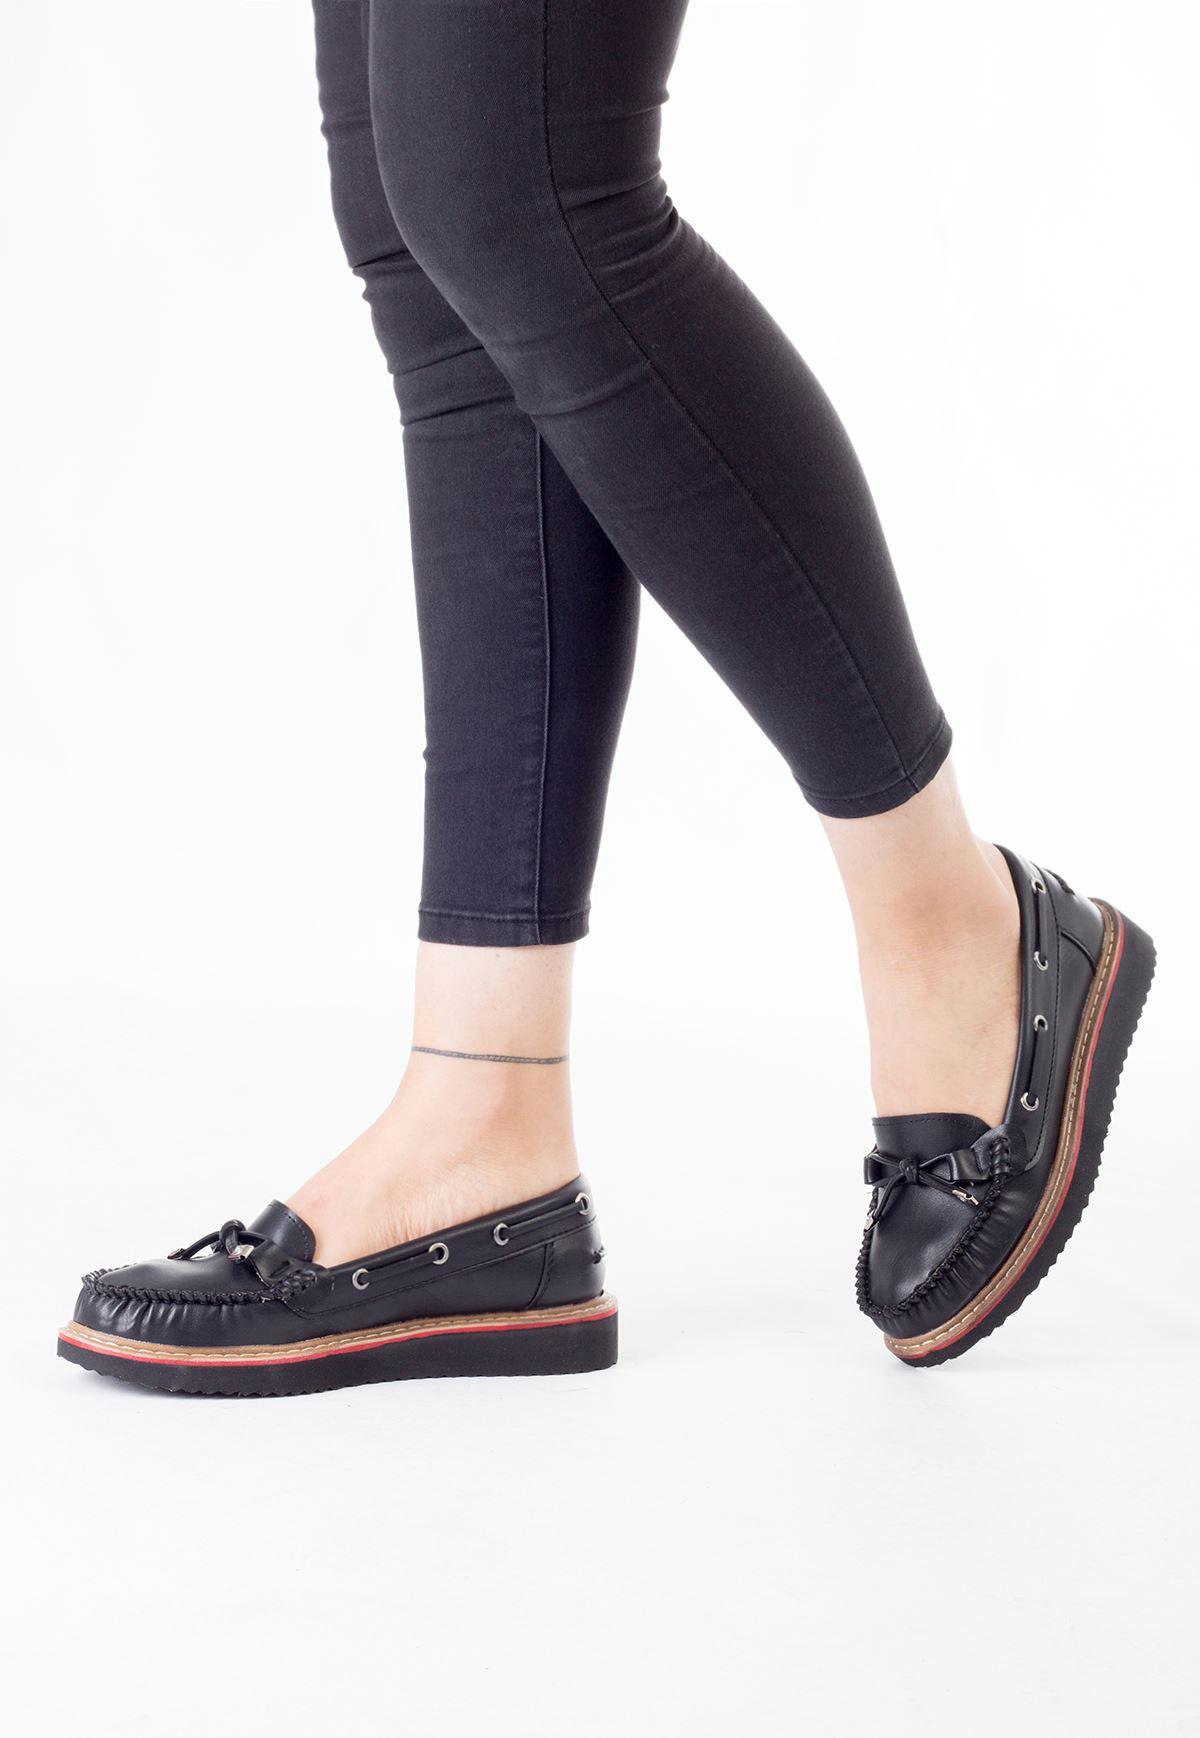 Sar Siyah Cilt Bayan Fiyonklu Babet Ayakkabı